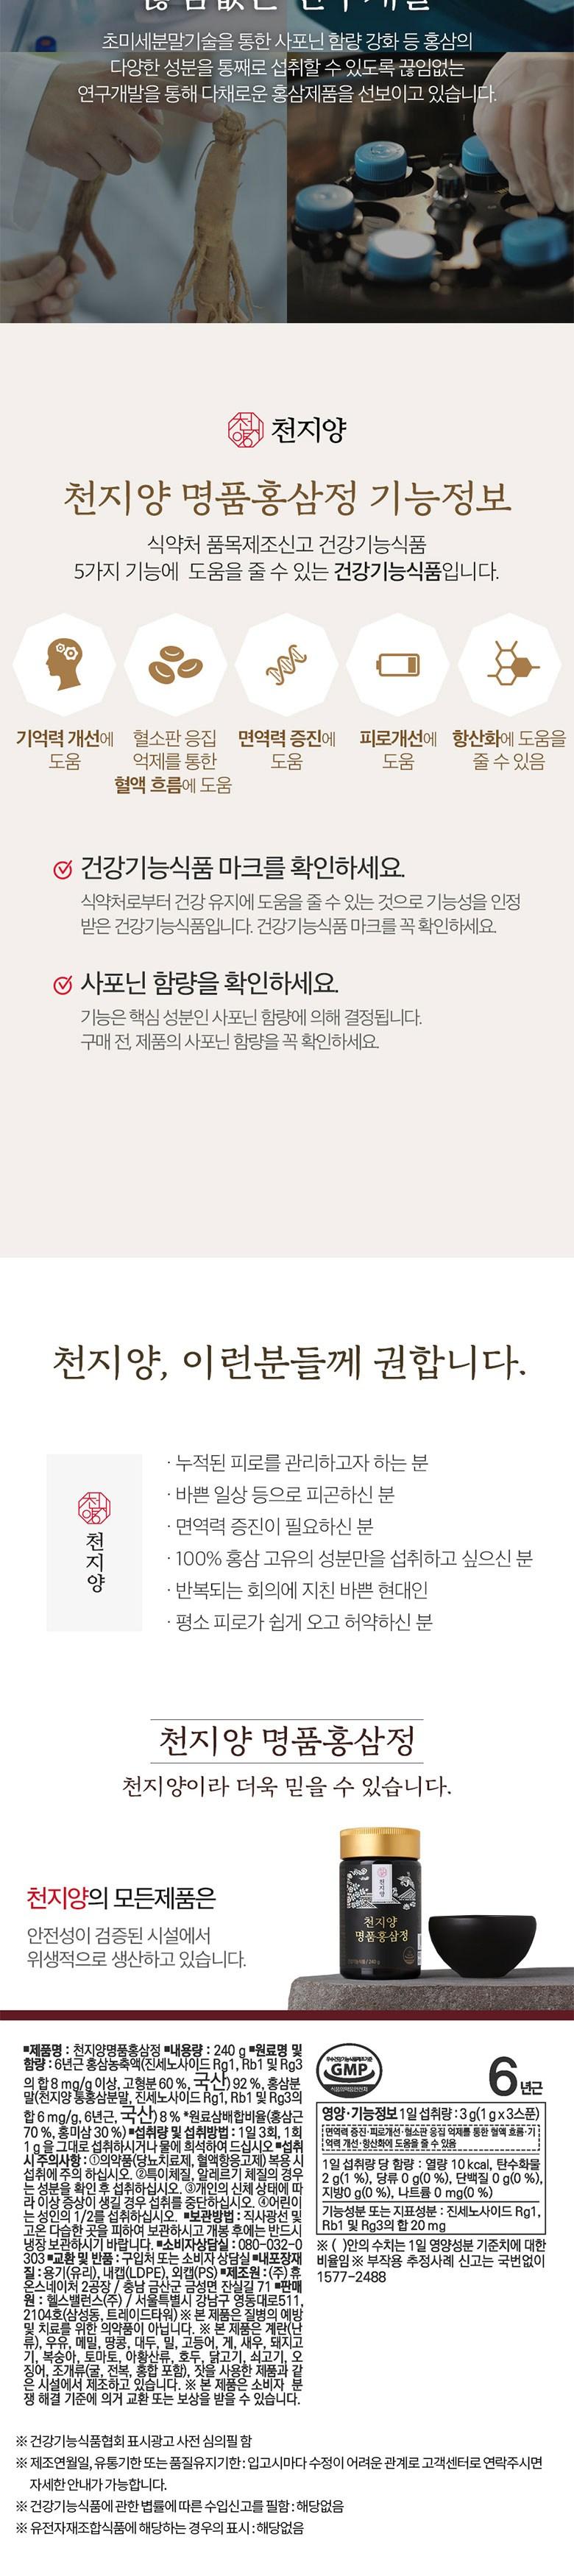 천지양 명품 홍삼정 3